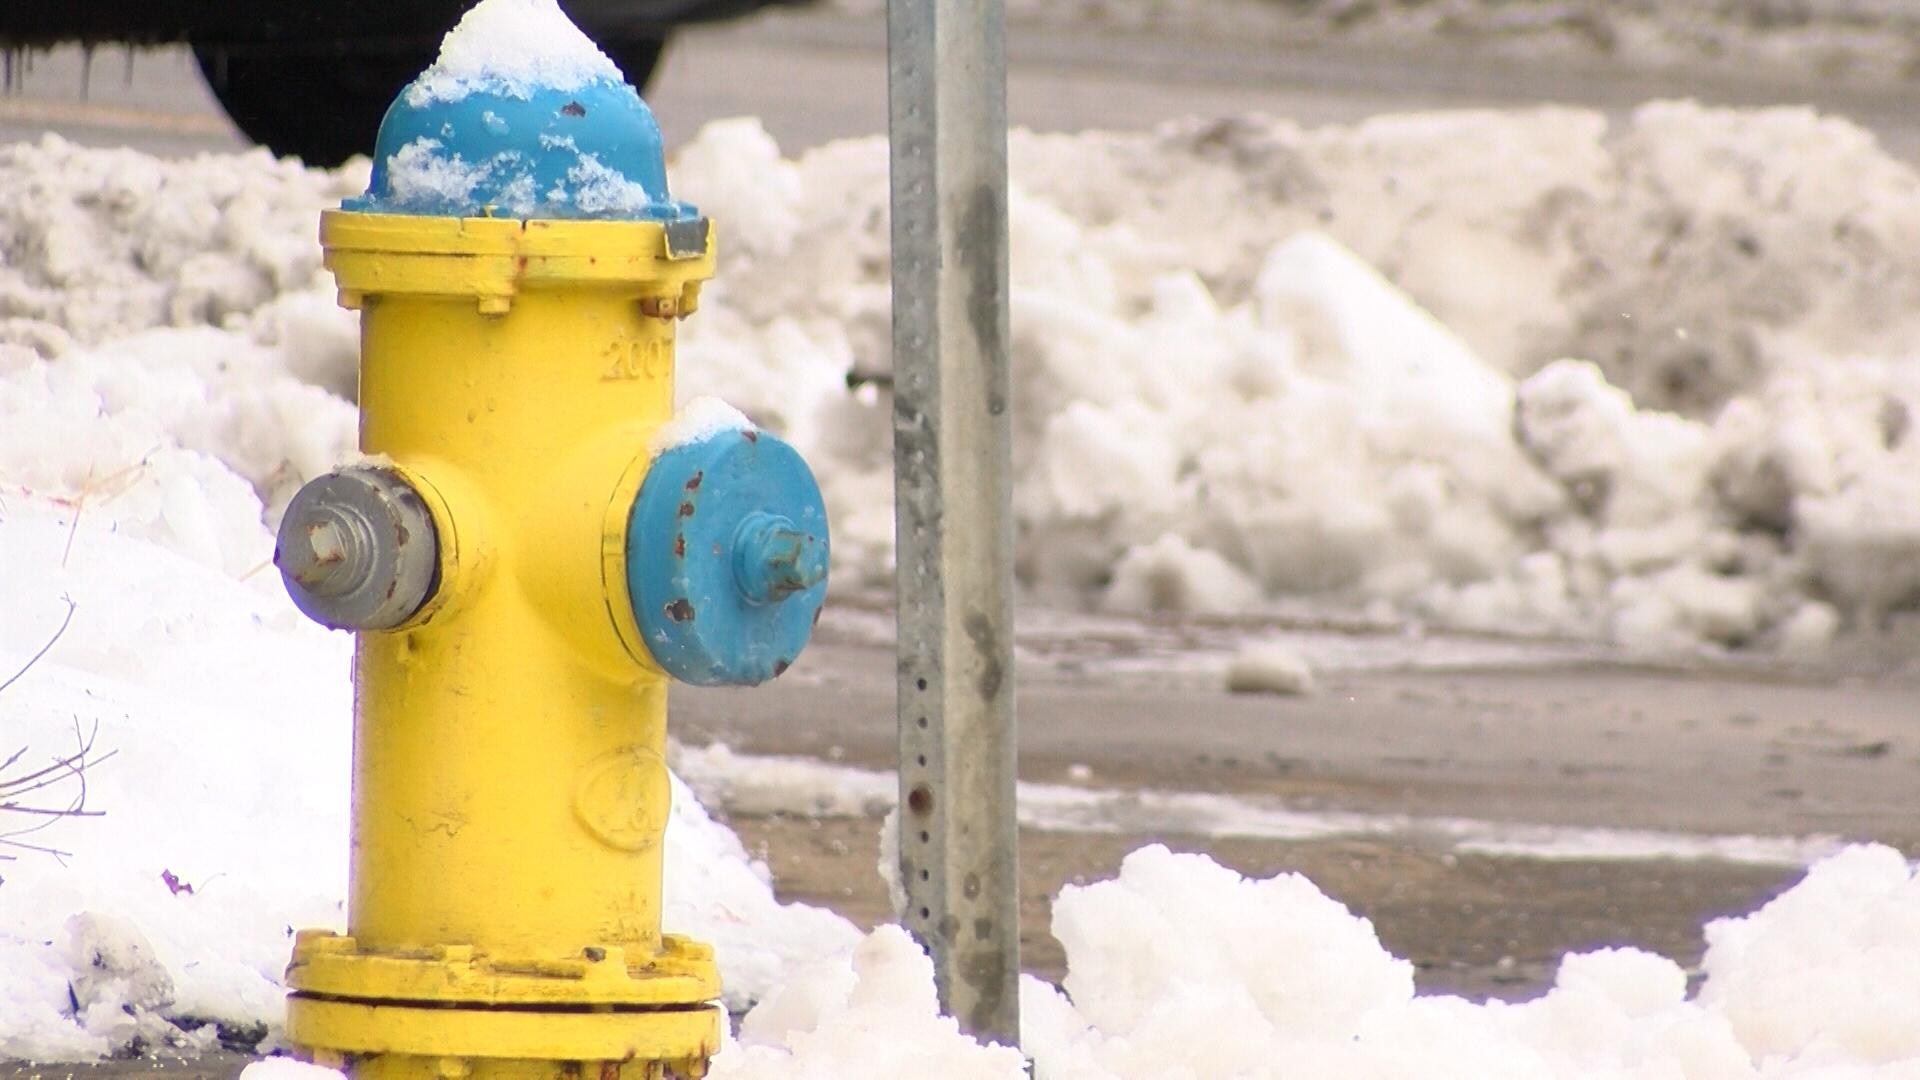 fire hydrant_1548016637821.jpg.jpg